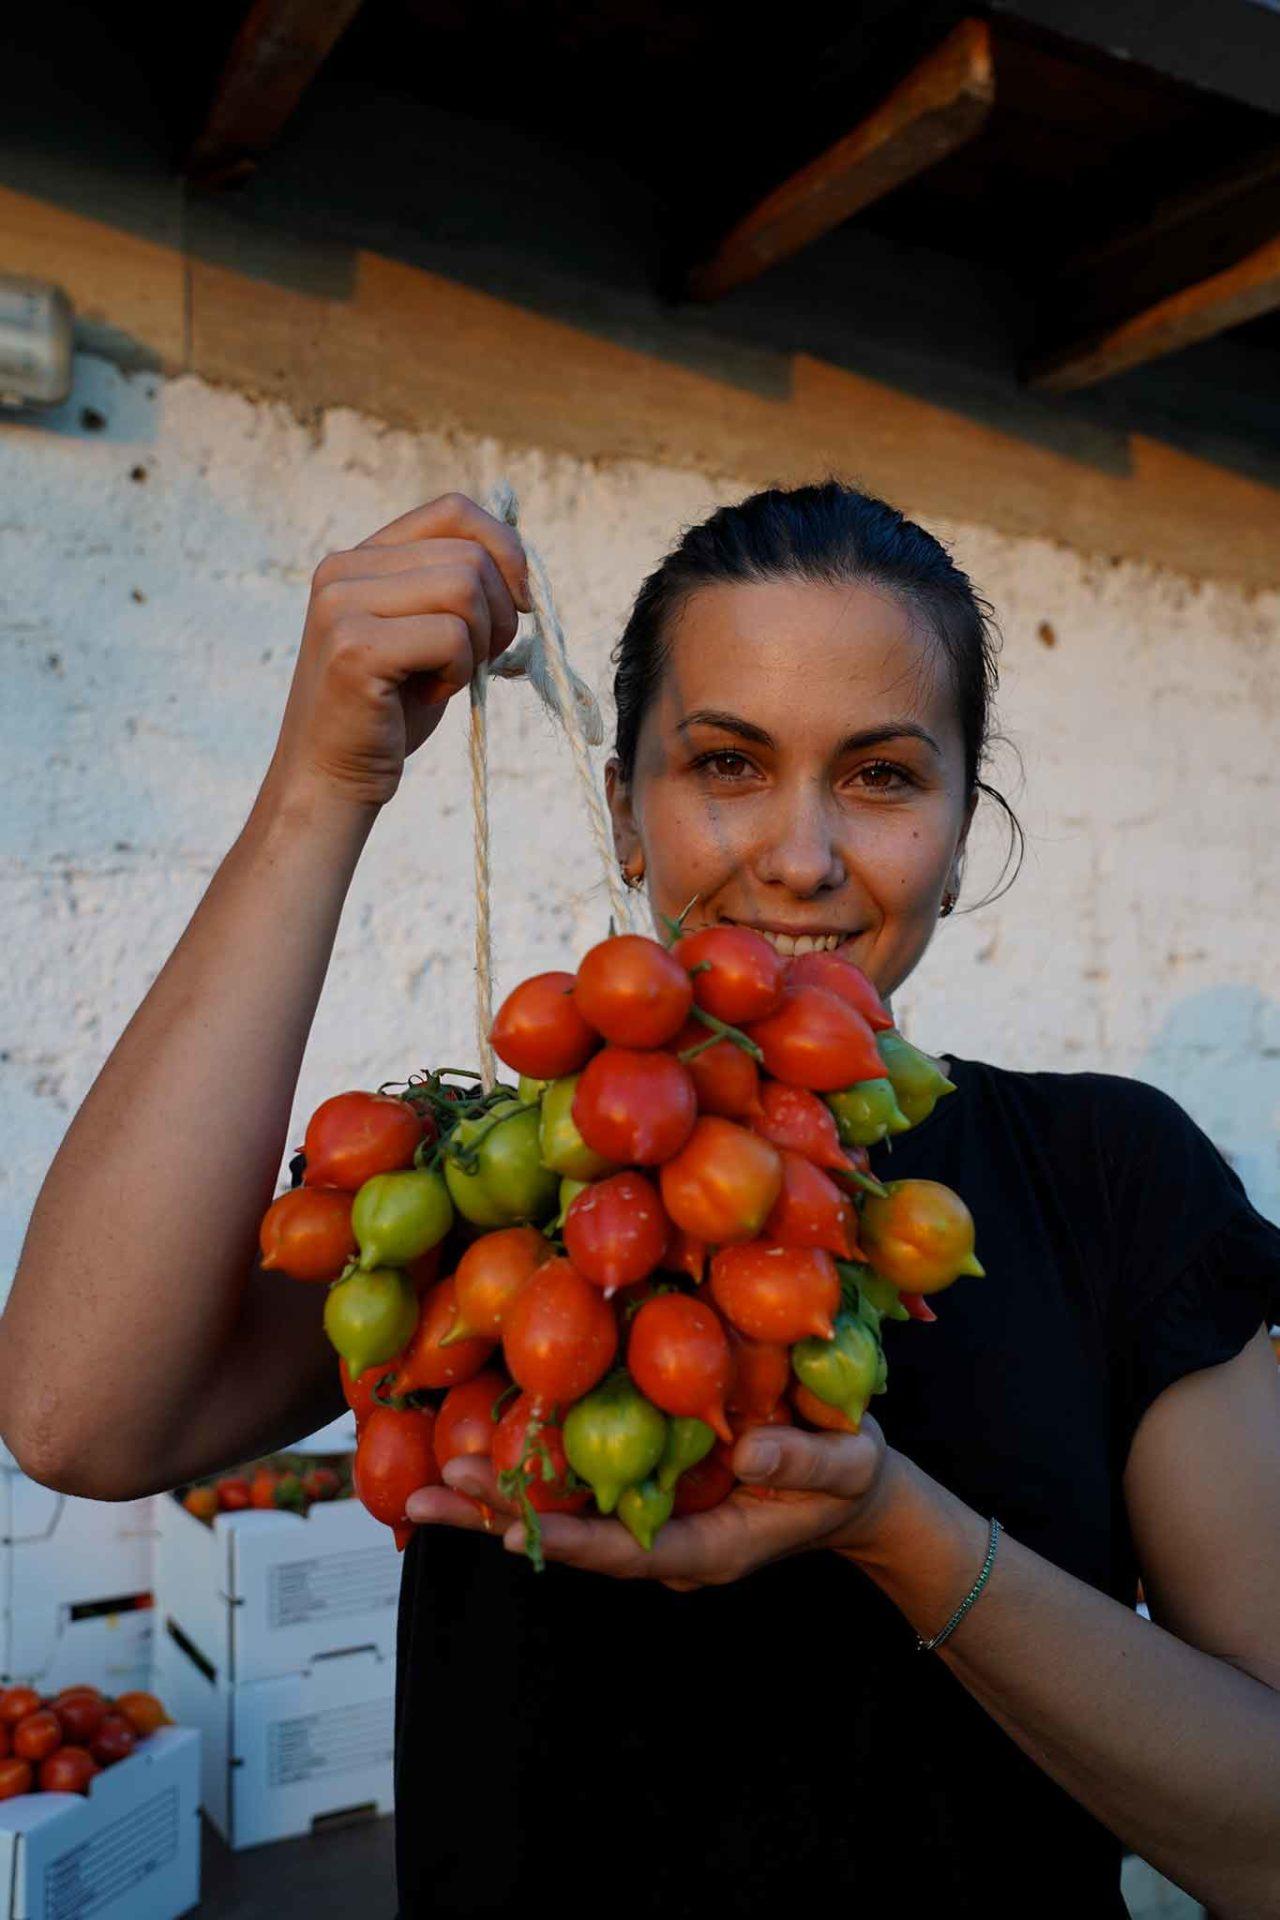 Giovanna Nocerino e i pomodorini del piennolo